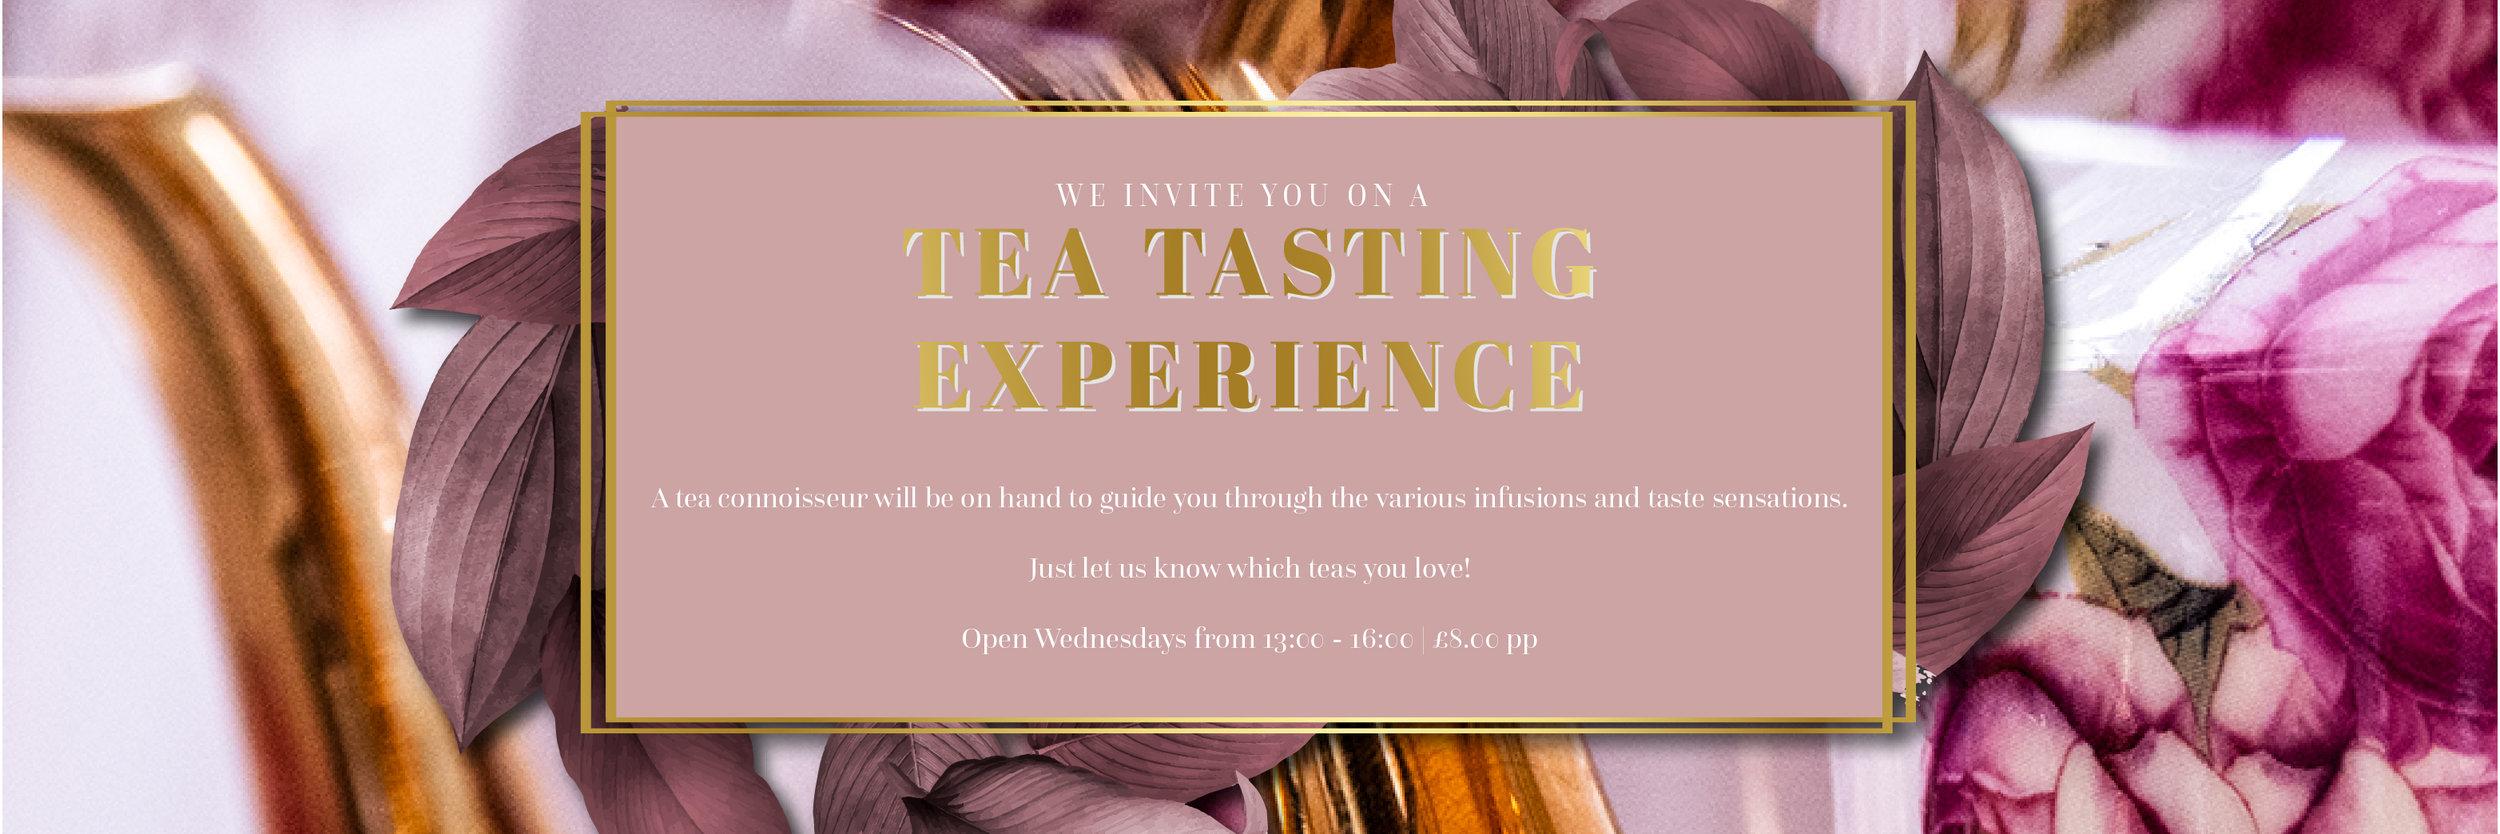 tea tasting Sussex